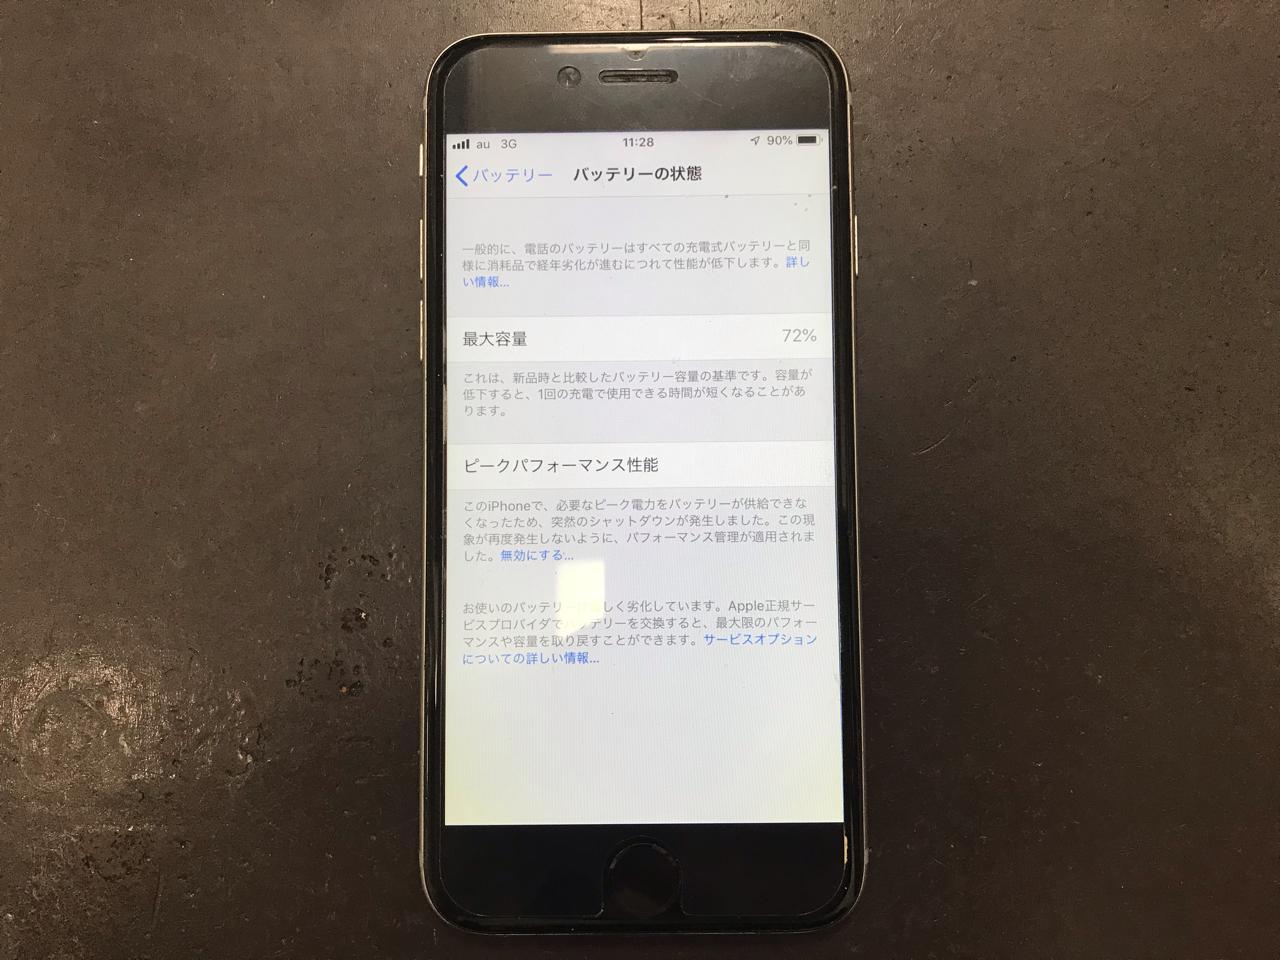 70b3c0f5-5e6e-4166-85f3-deb51068ae9d_1558772115_517446815 バッテリーの劣化が進んだiPhone6Sの修理をしました!